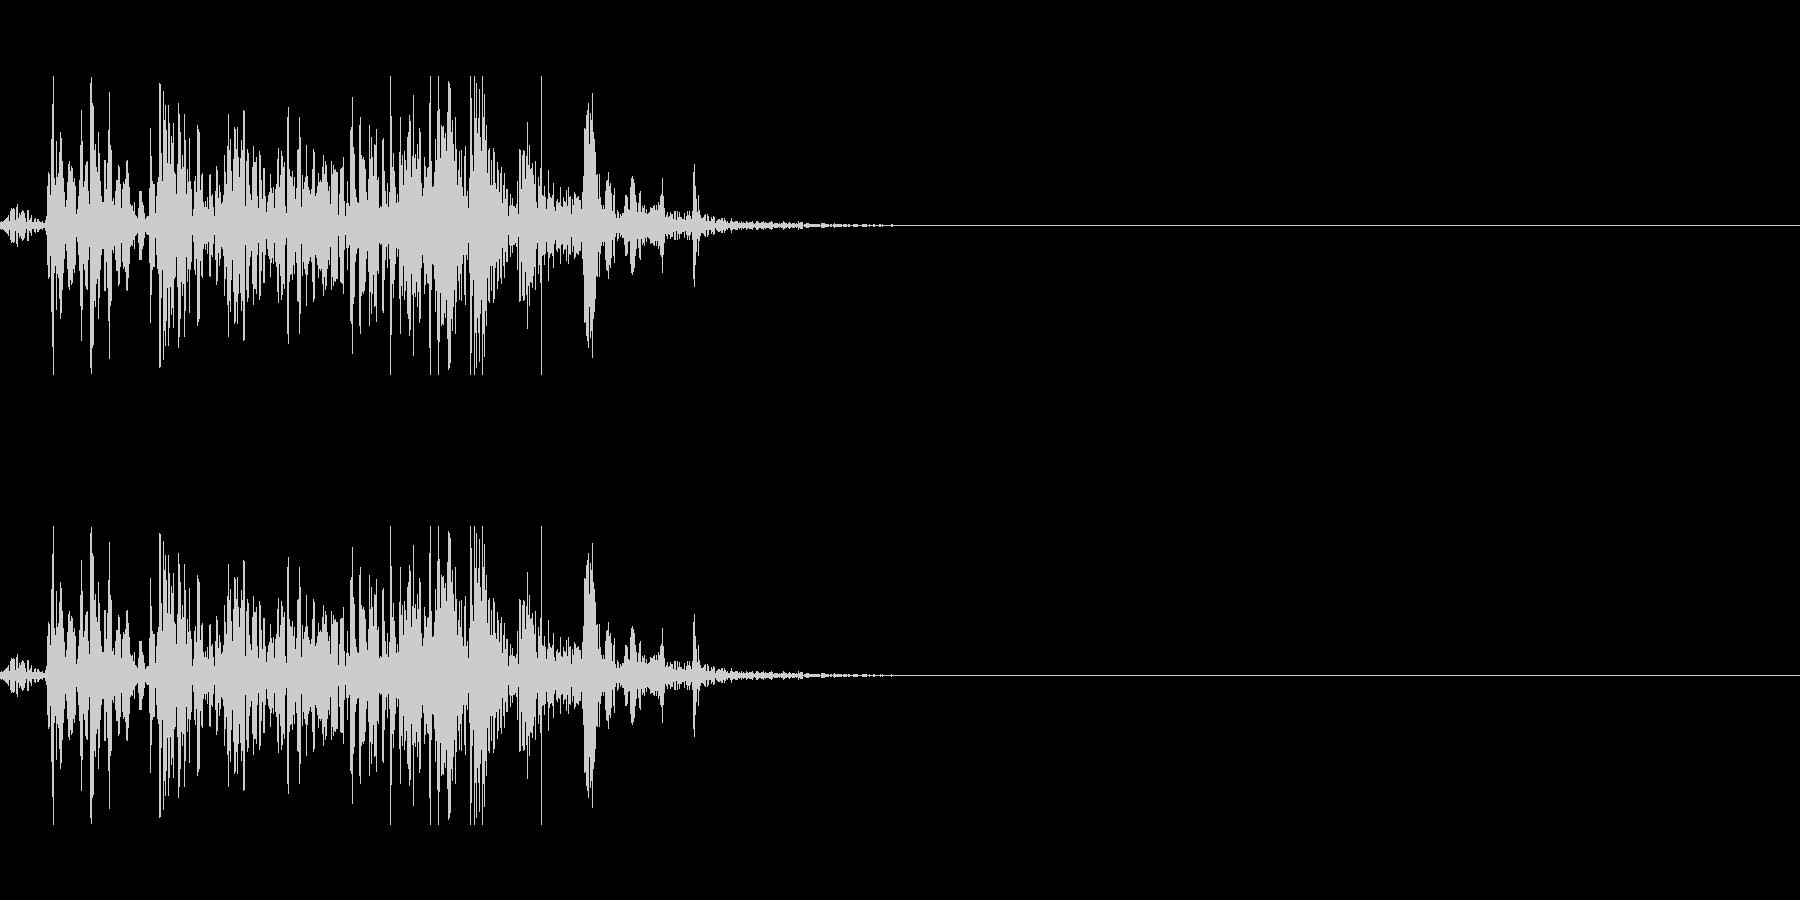 弾む音 2の未再生の波形